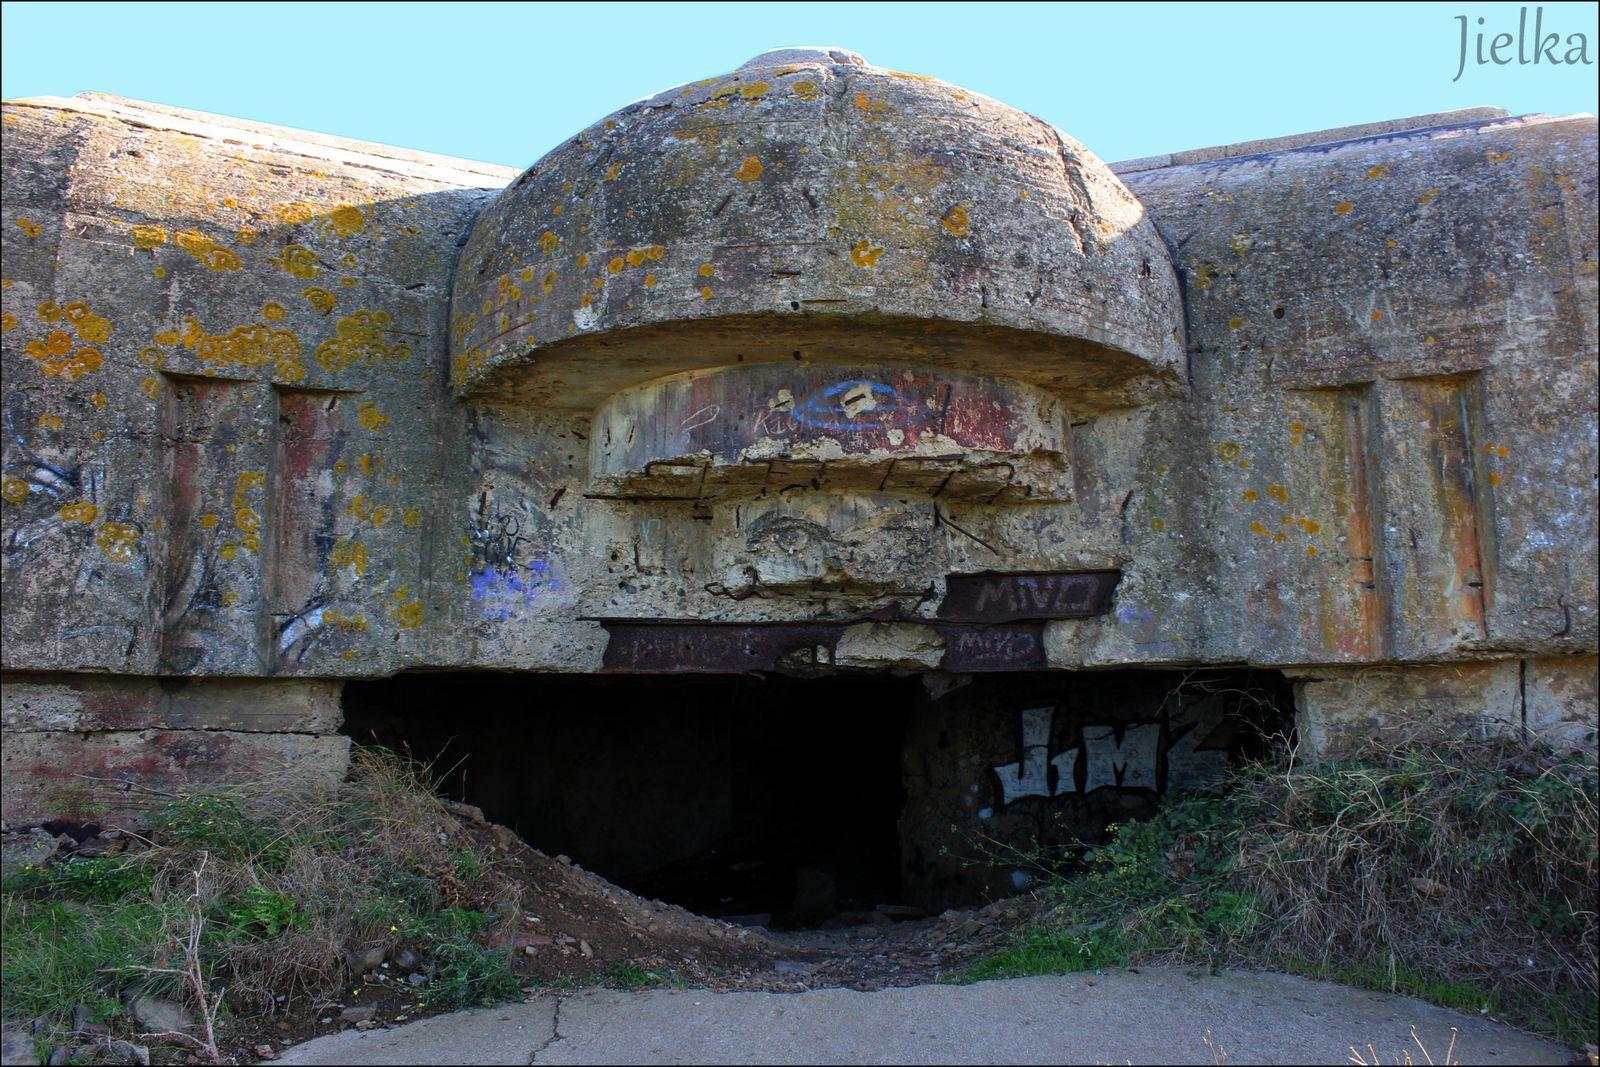 l'intérieur endomagé par des explosions internes au départ des artilleurs Allemands en aout 1944.